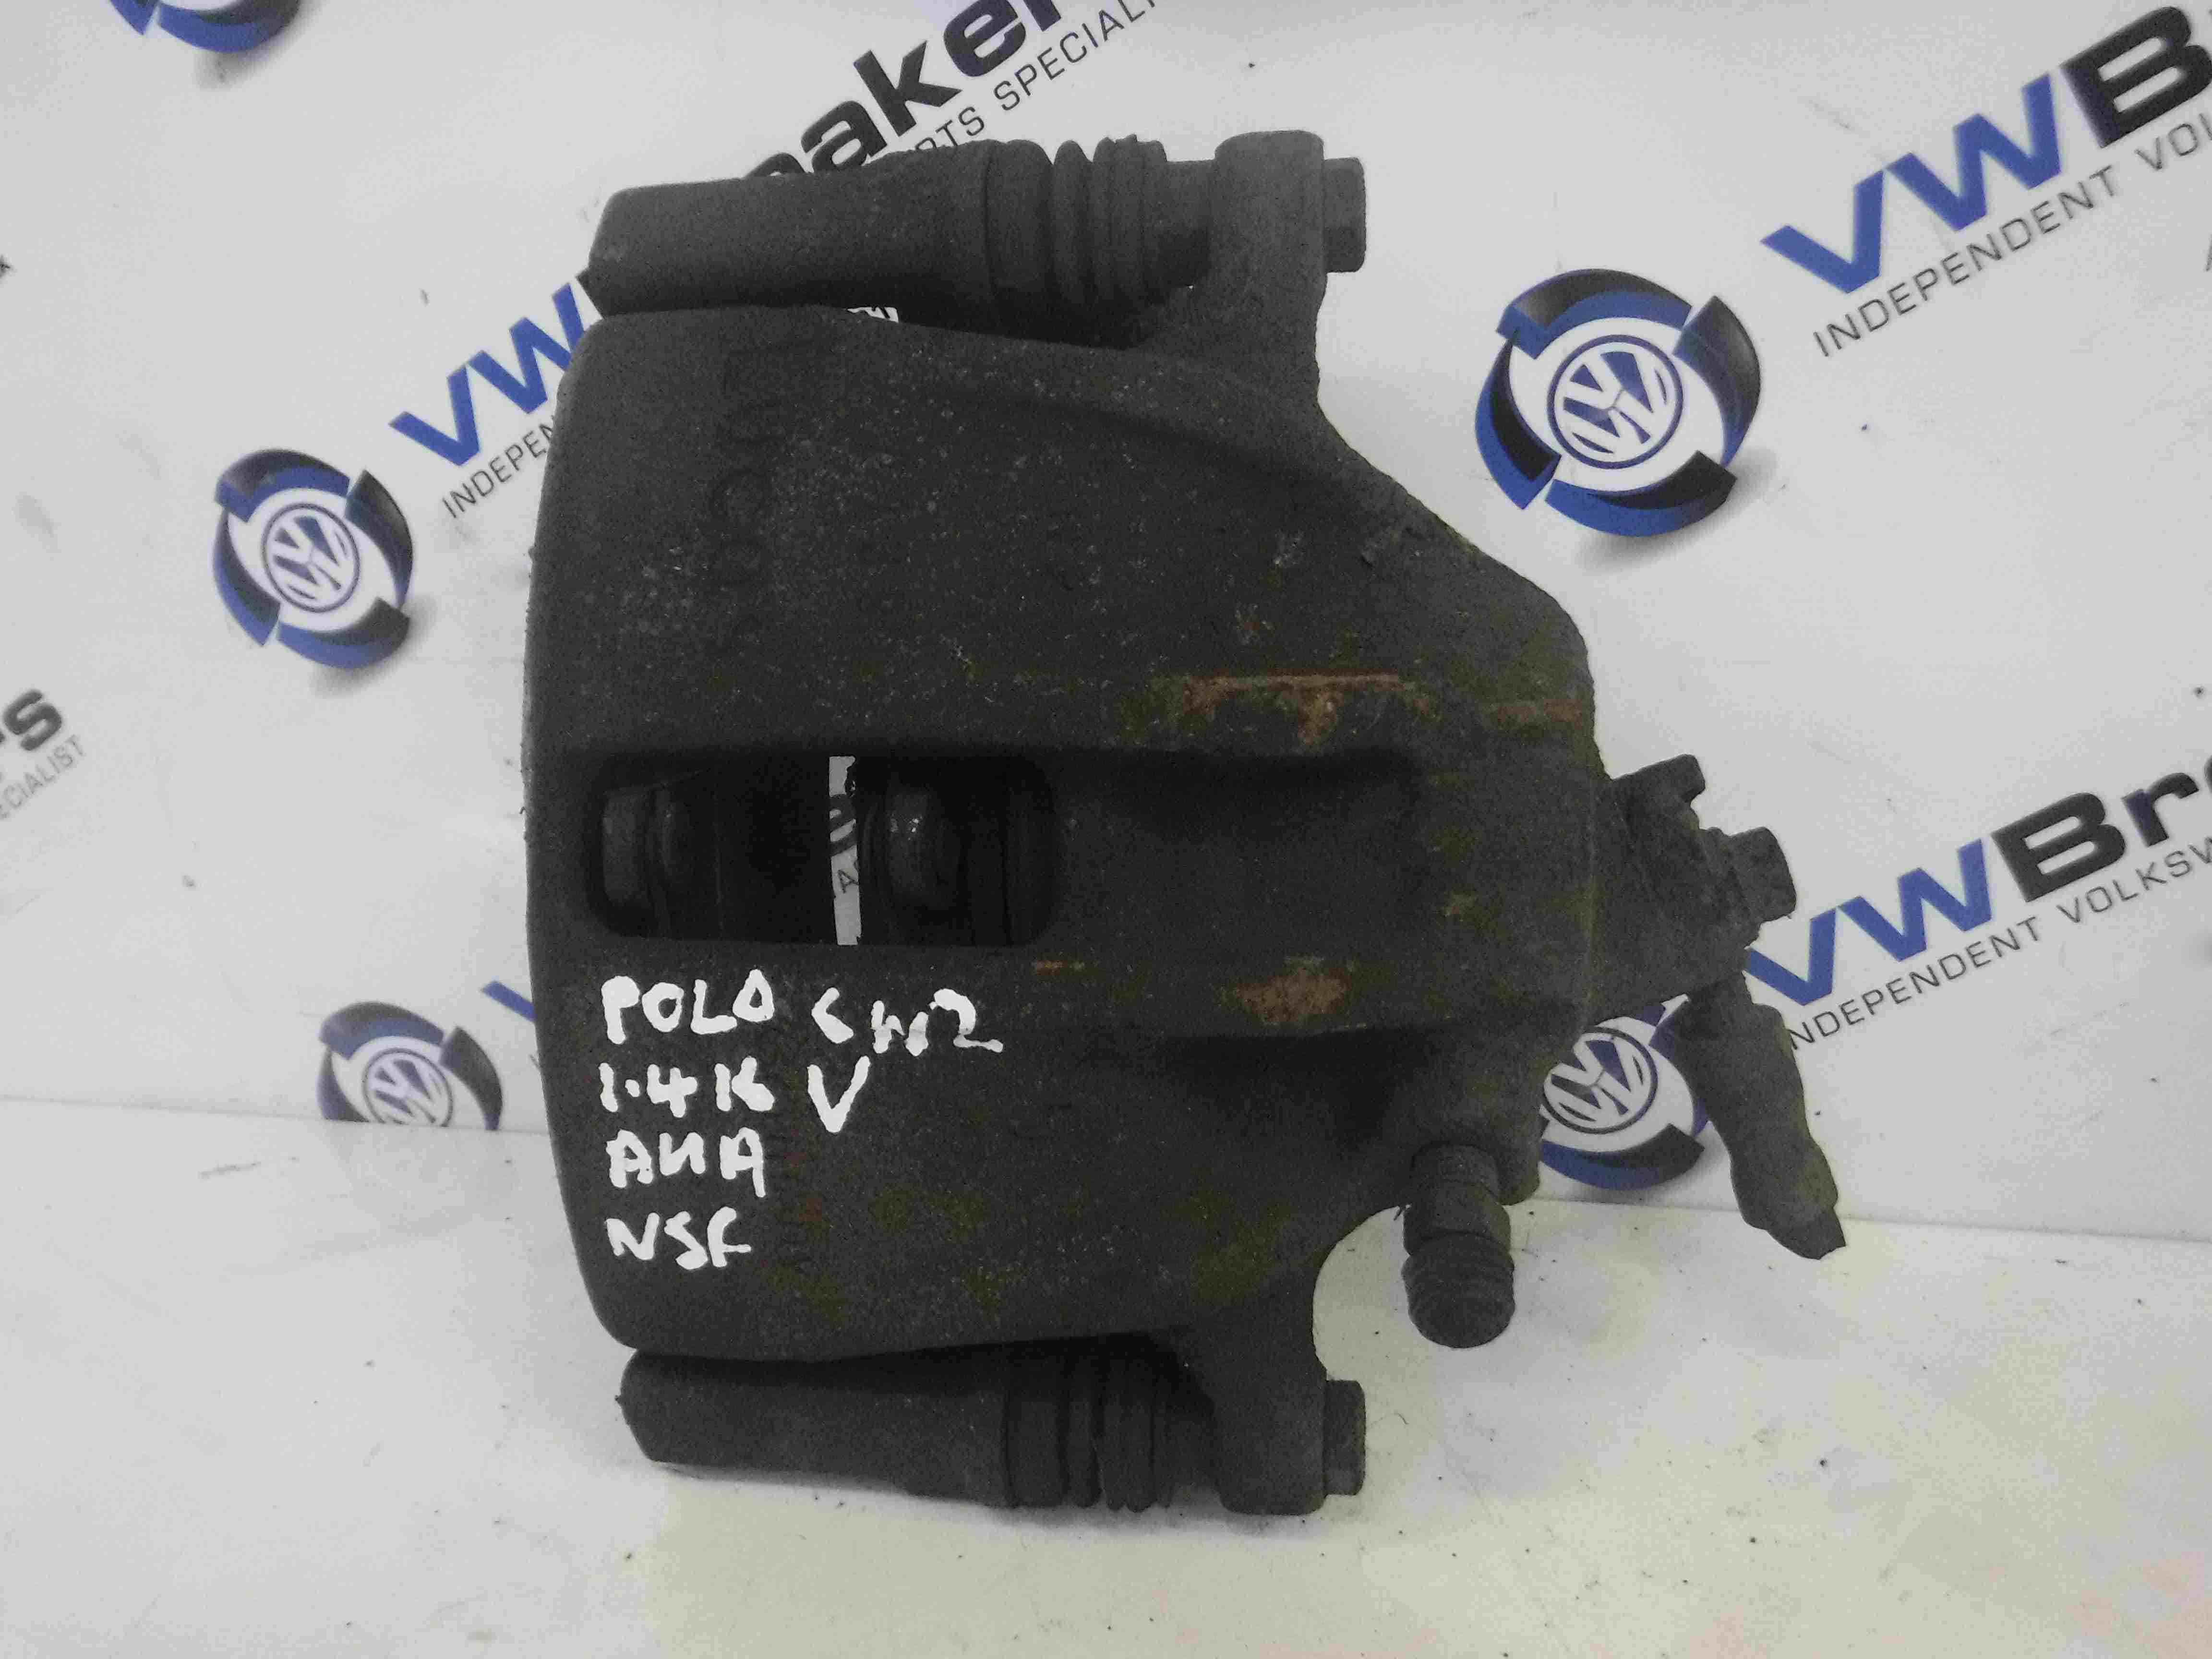 Volkswagen Polo 1999-2003 6N2 Passenger NSF Front Brake Caliper